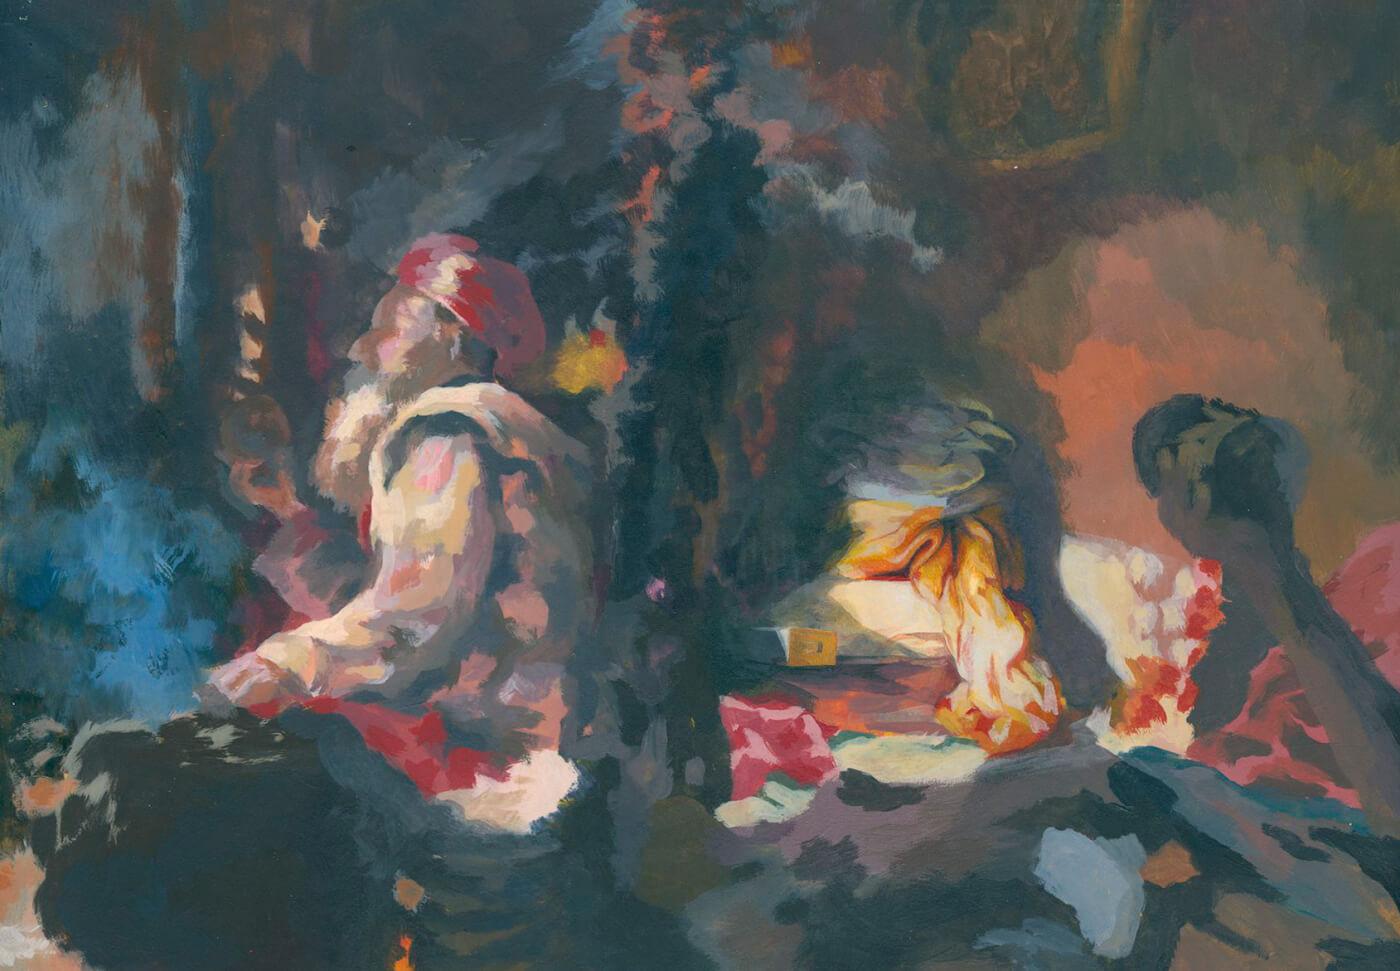 Sadu, Fleckhaft, Malerei, Tempera,